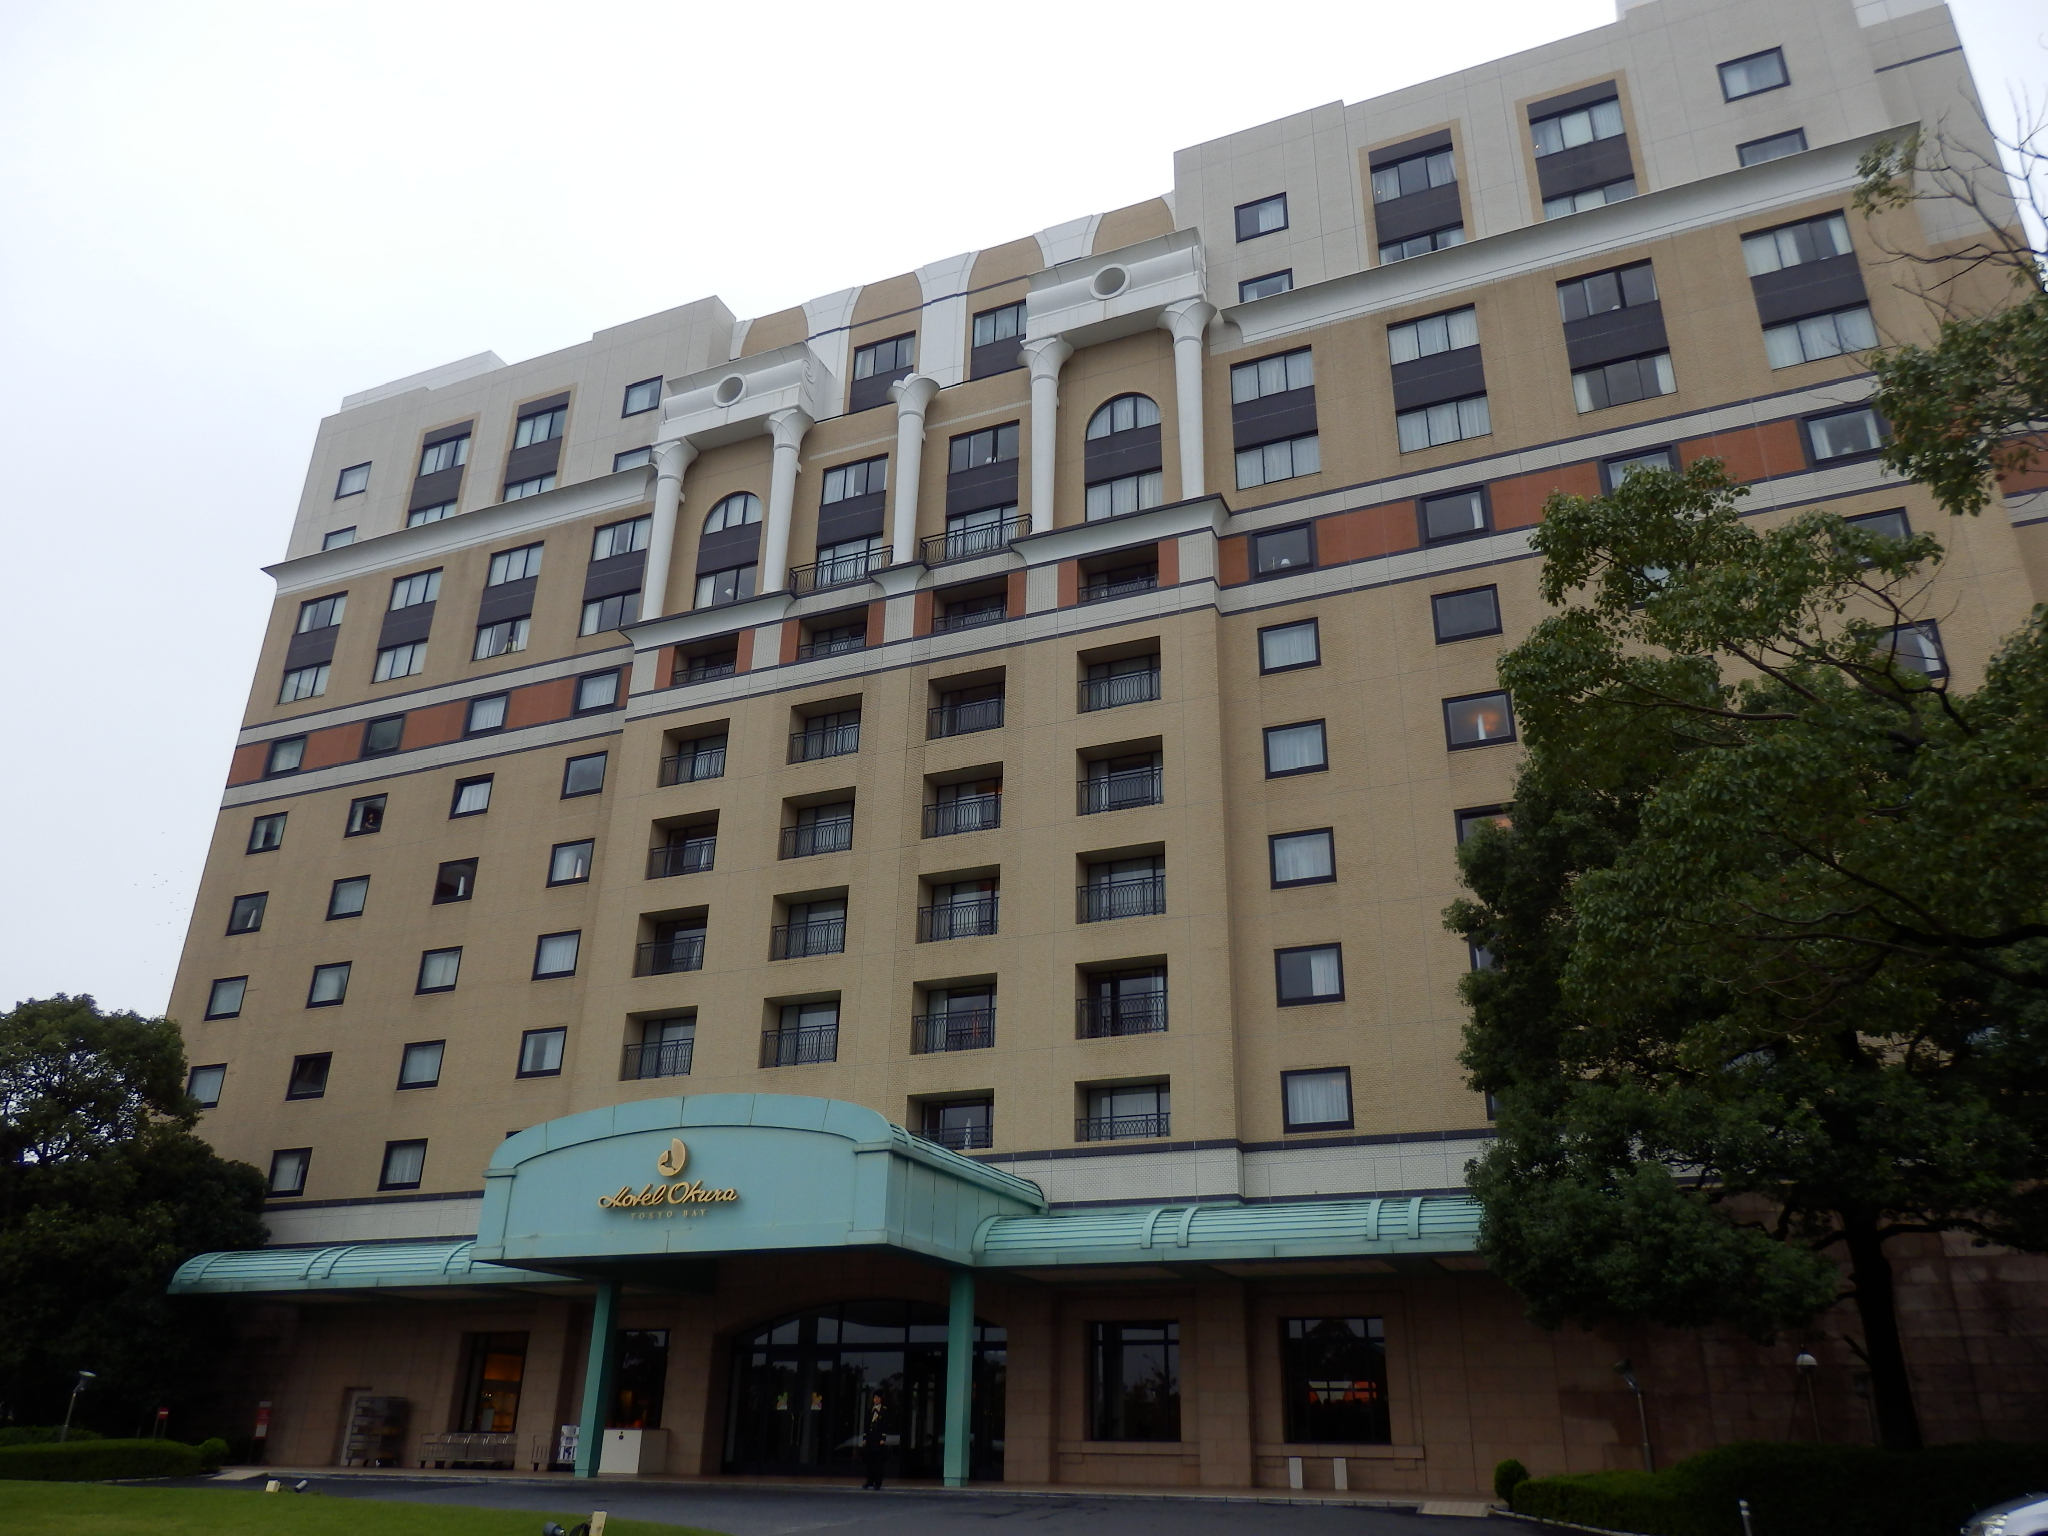 アクセス便利】東京ディズニーリゾート周辺人気ホテルランキング 20